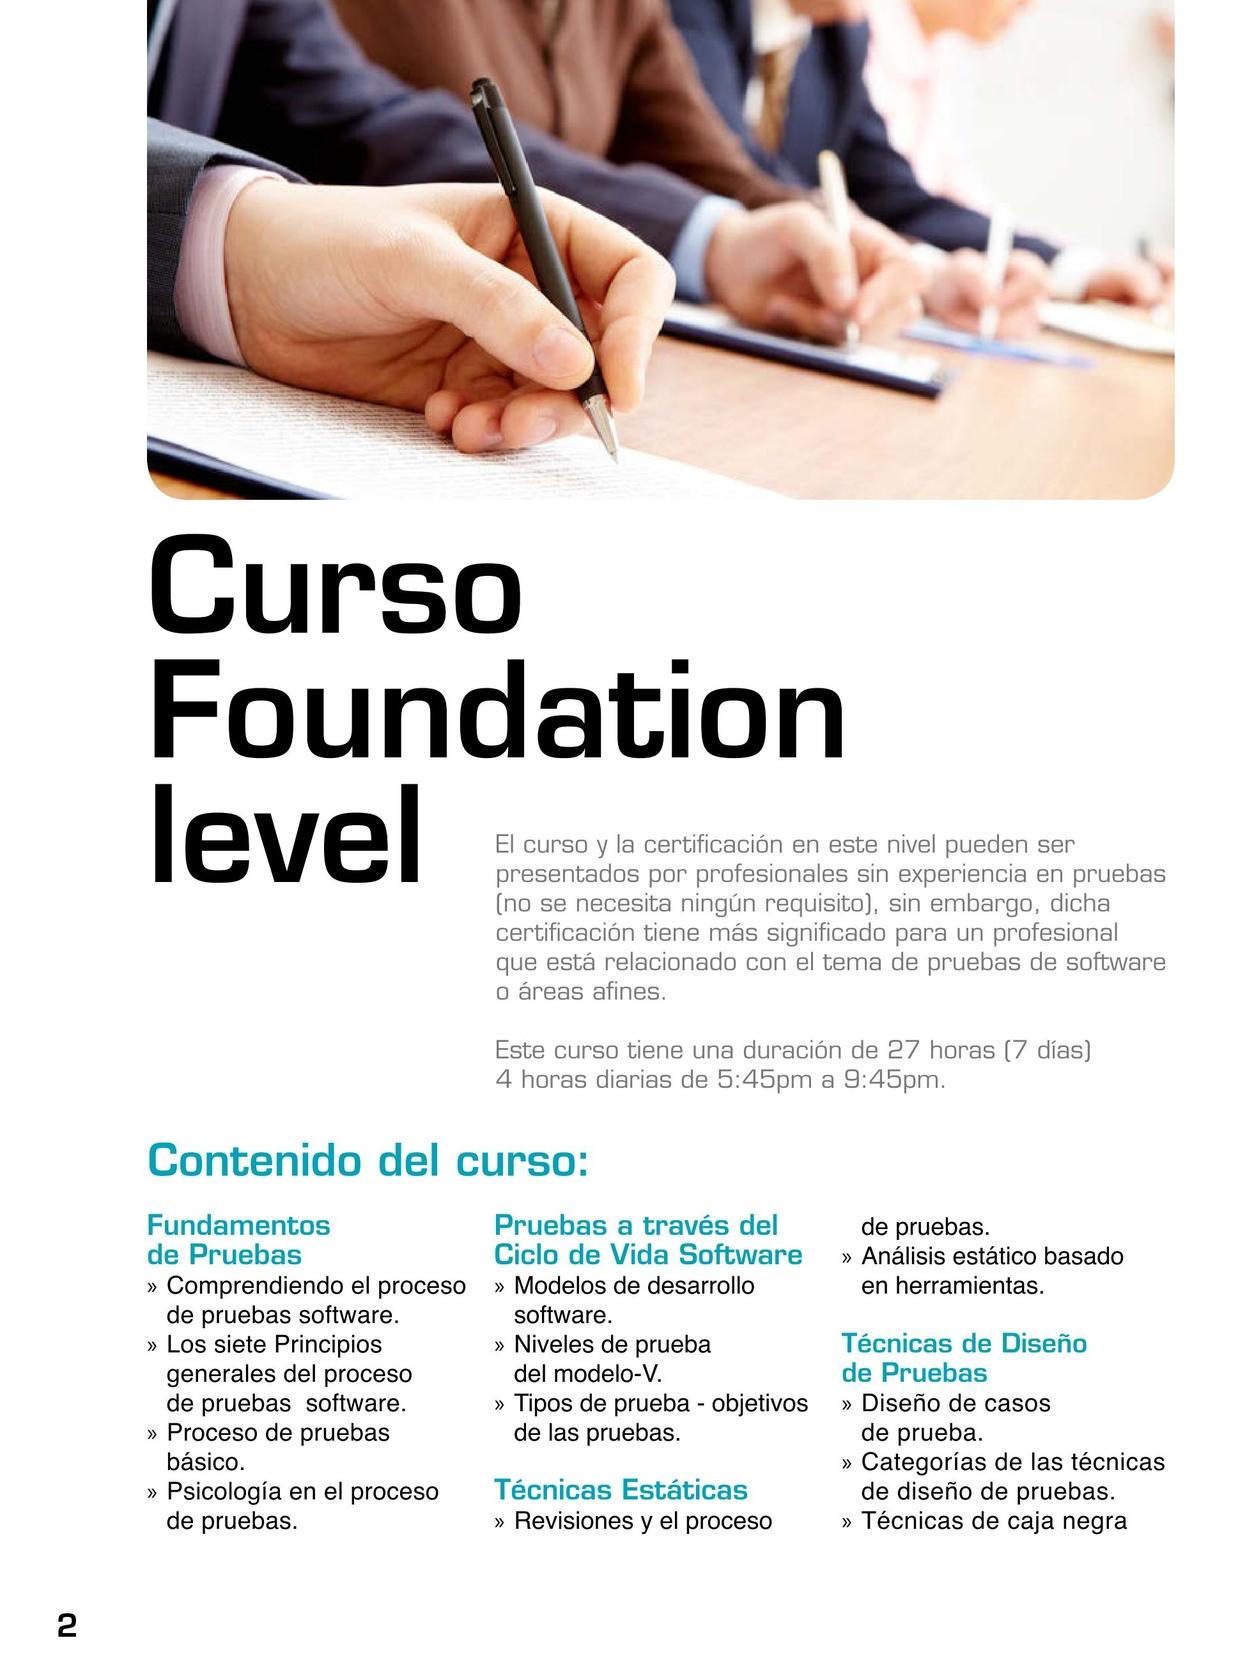 CHOUCAIR - Cursos para la Certificación ISTQB